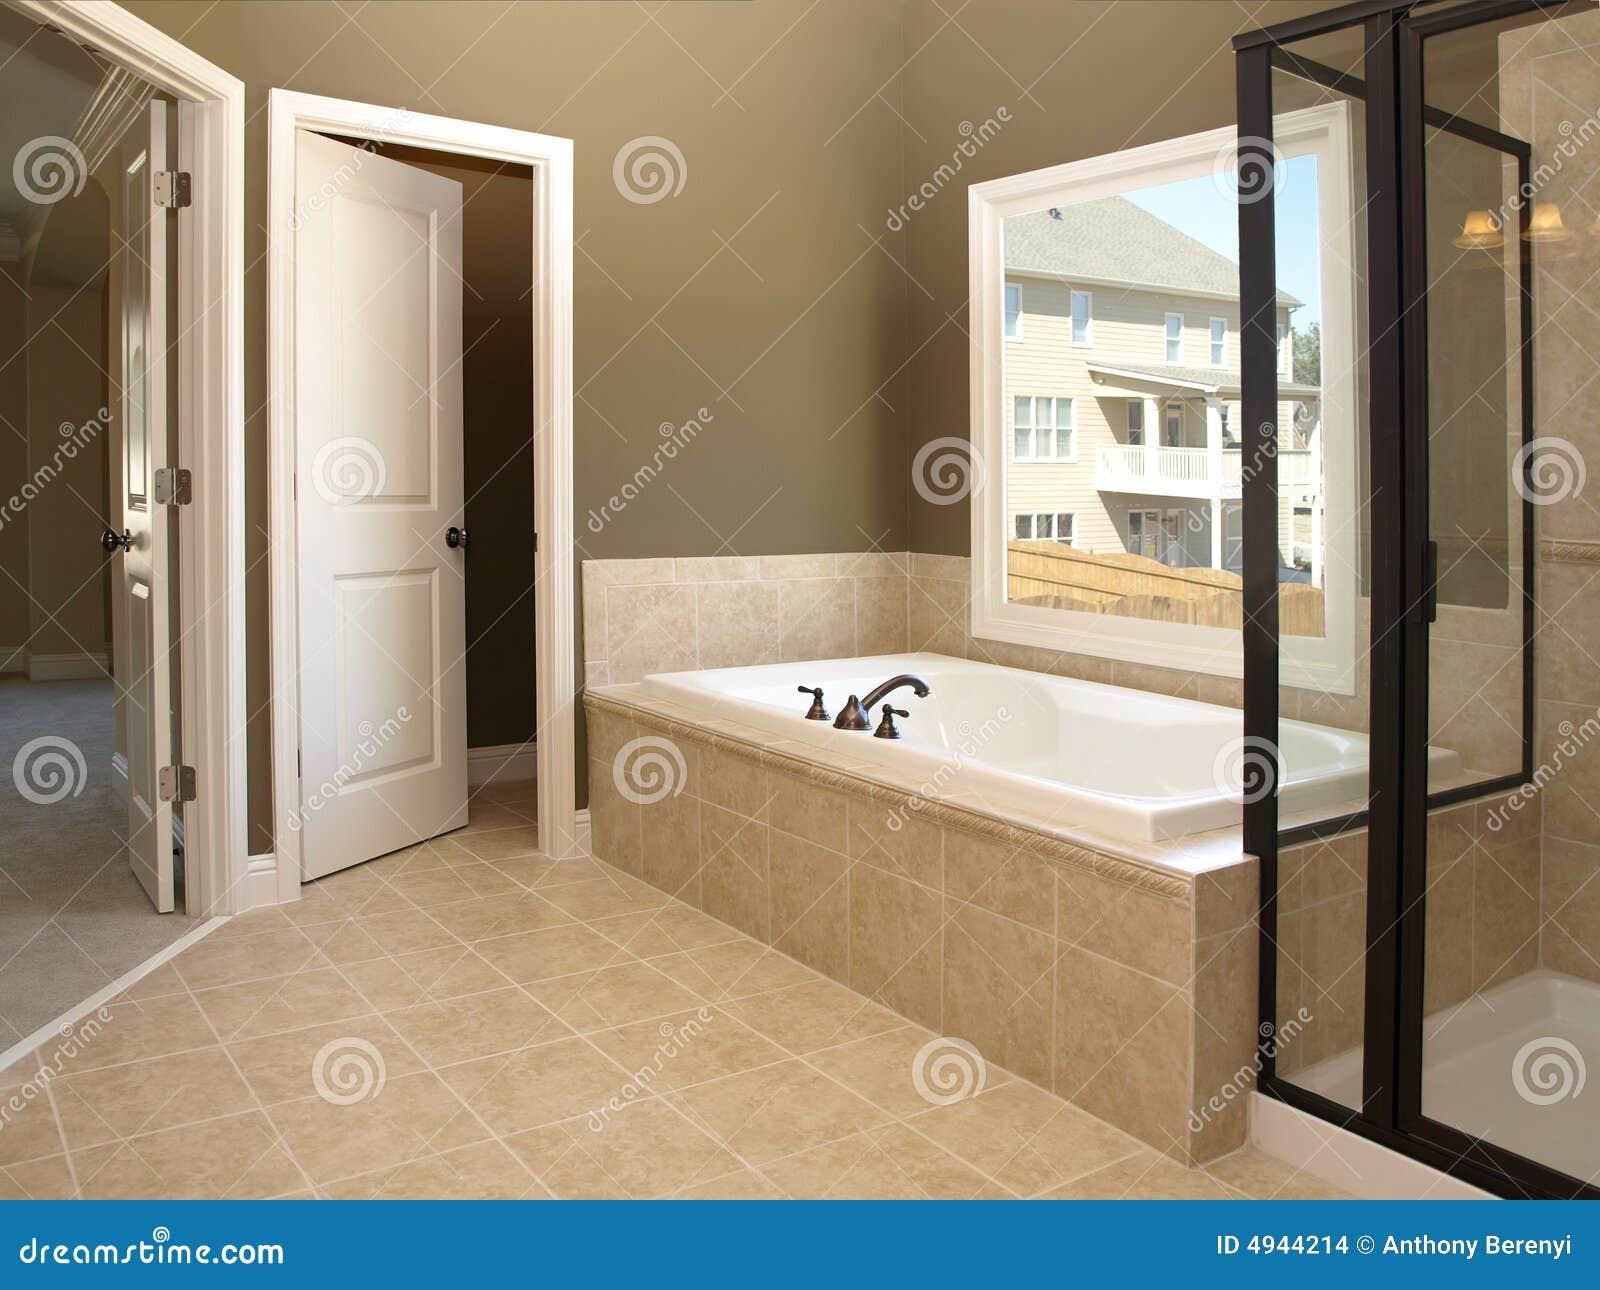 baquet et hublot de luxe 2 de salle de bains photo stock. Black Bedroom Furniture Sets. Home Design Ideas